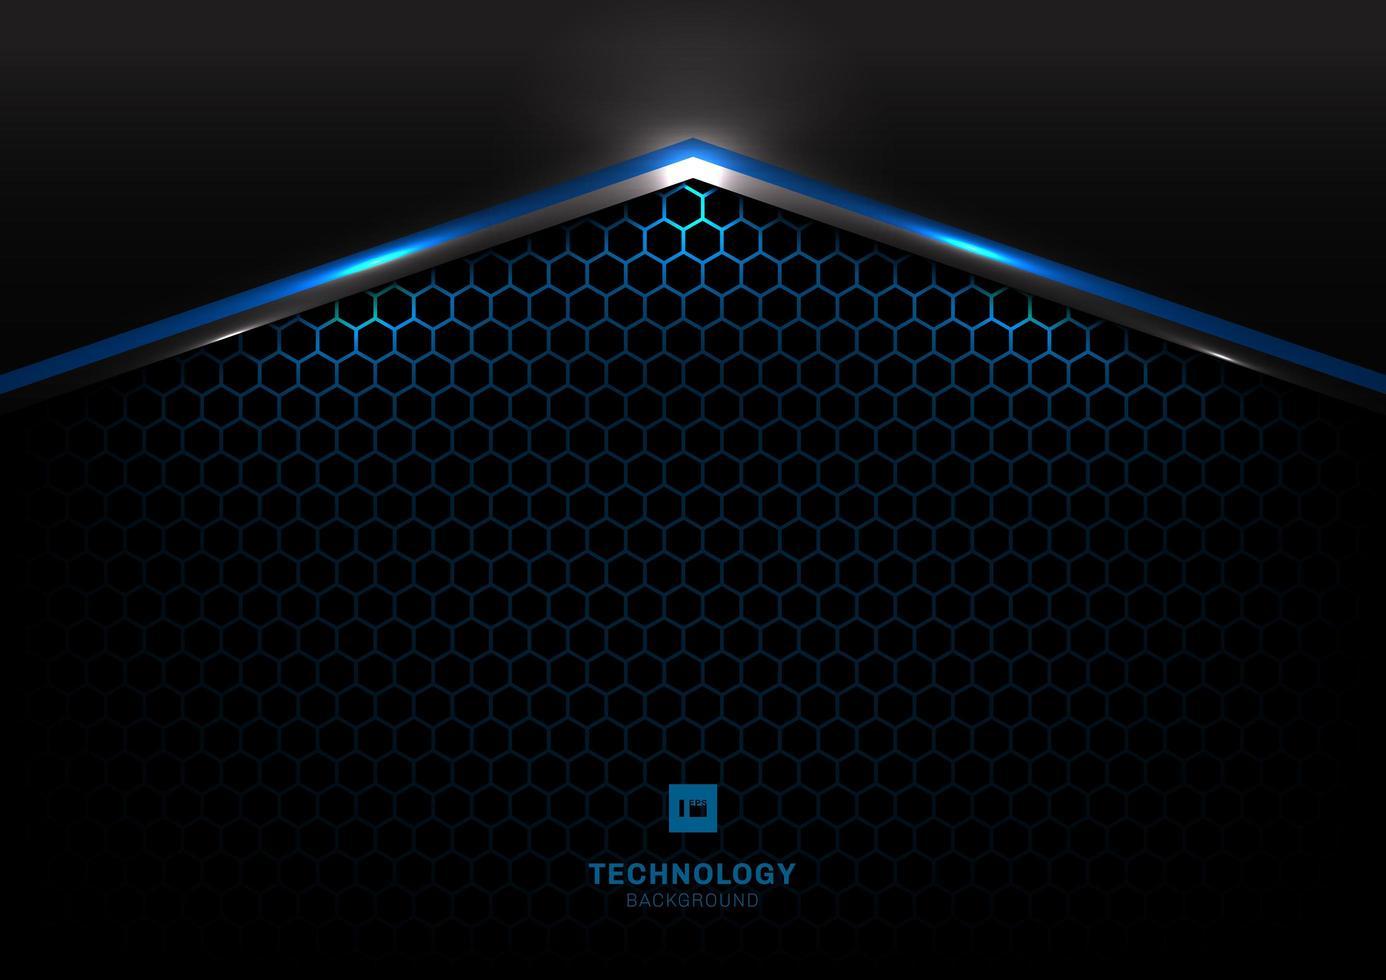 tecnología futurista negro y gris metalizado vector